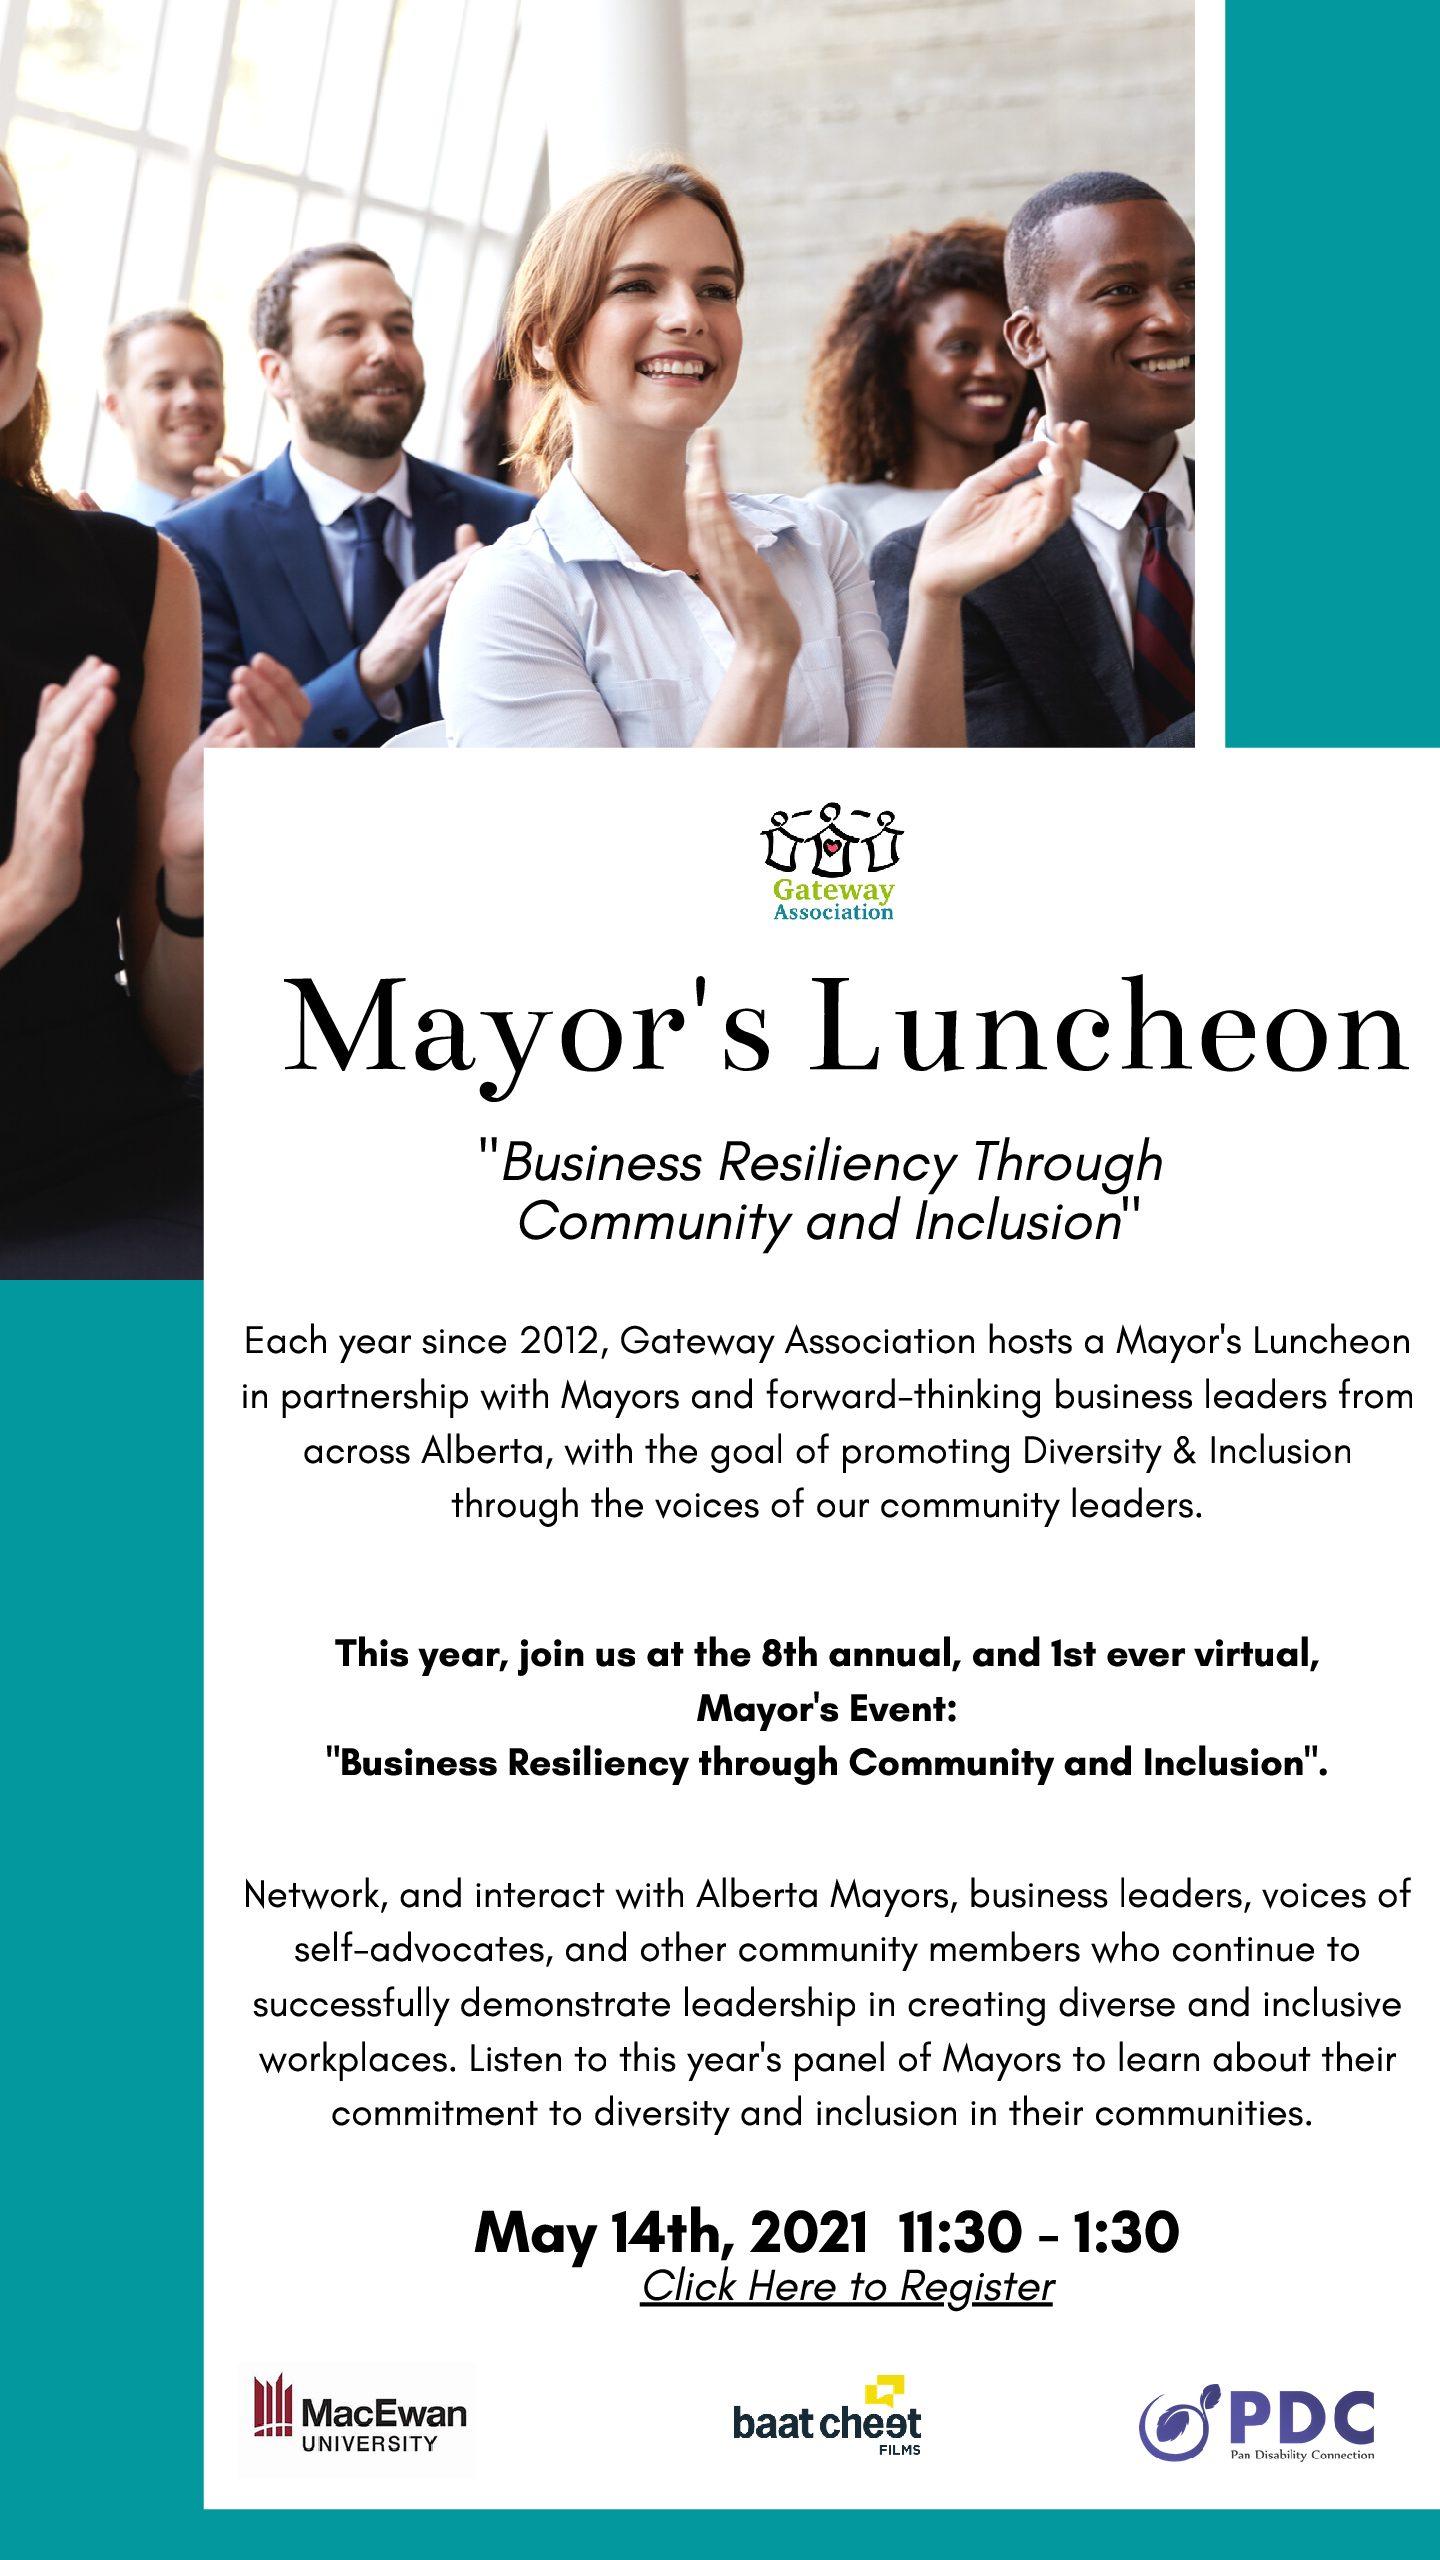 Mayor's Luncheon